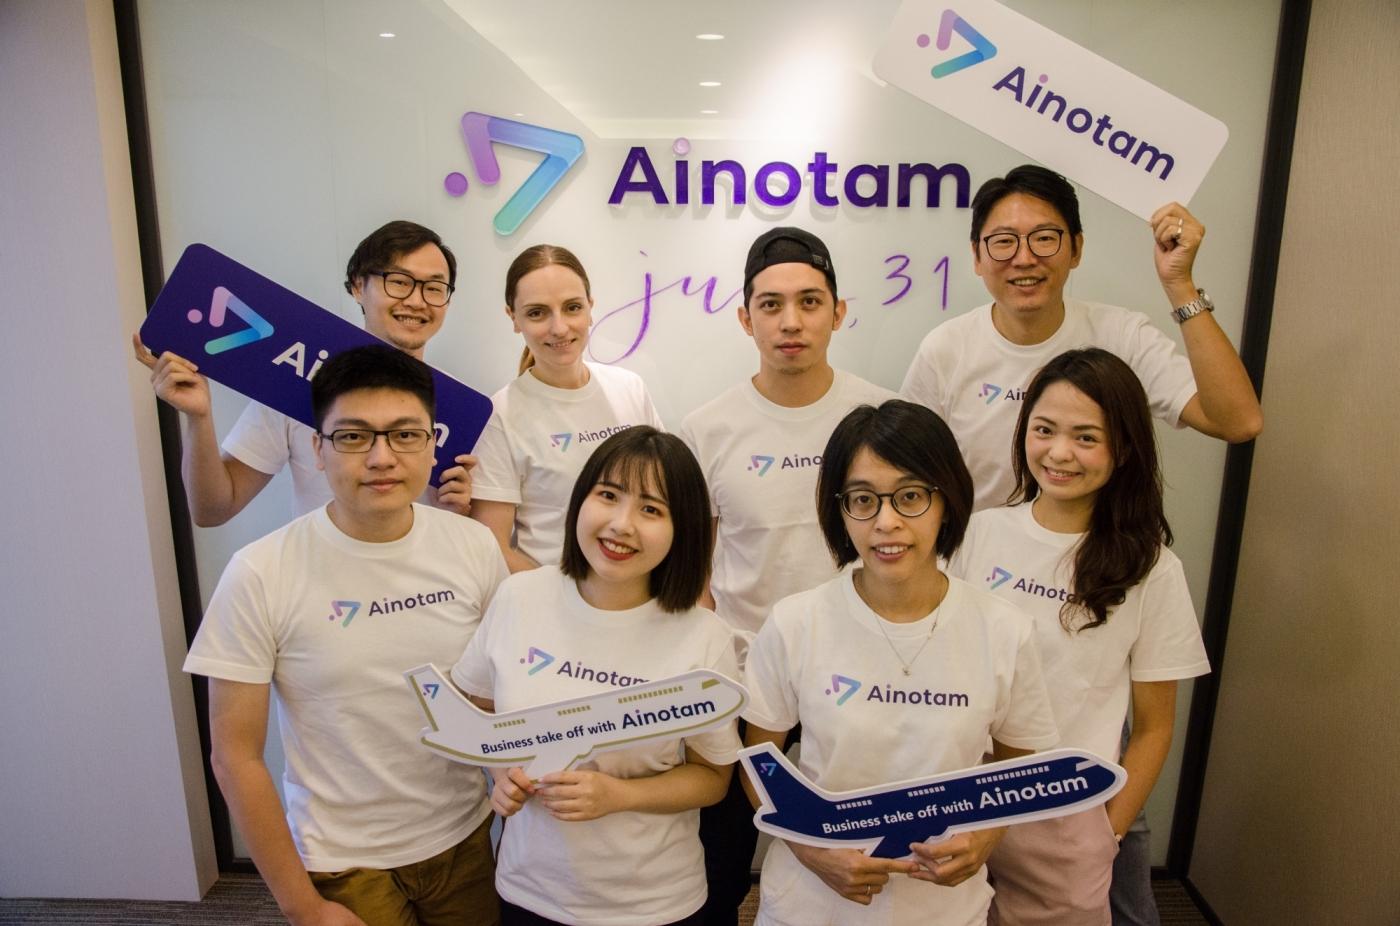 用AI翻轉行銷!雲端服務新創CloudMile萬里雲推MarTech新品牌Ainotam